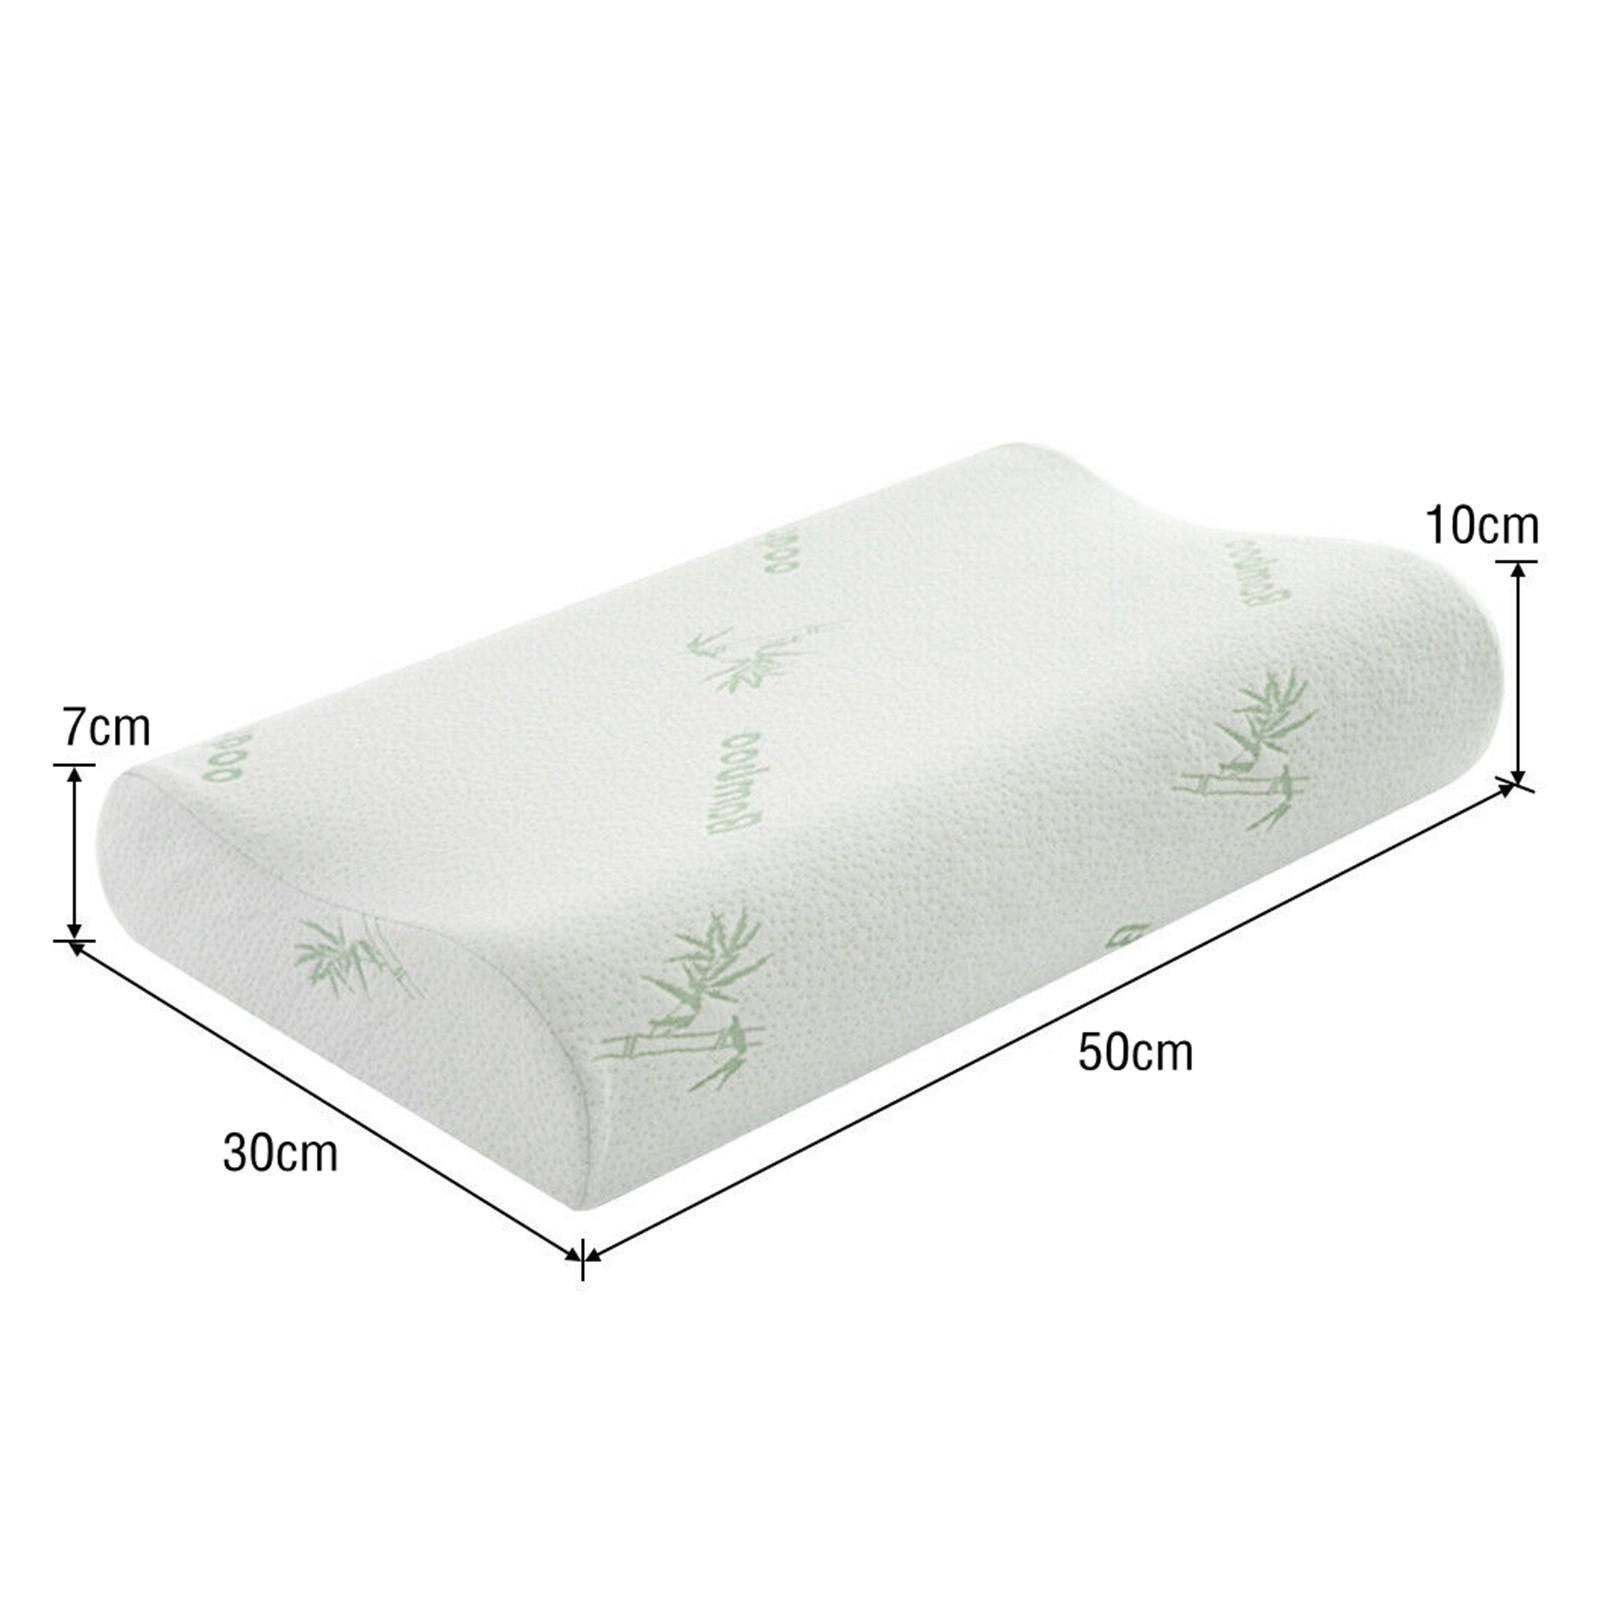 Cuscino-di-lusso-in-memory-foam-Cuscino-cervicale-Cuscino-per-la-testa-Federa miniatura 4